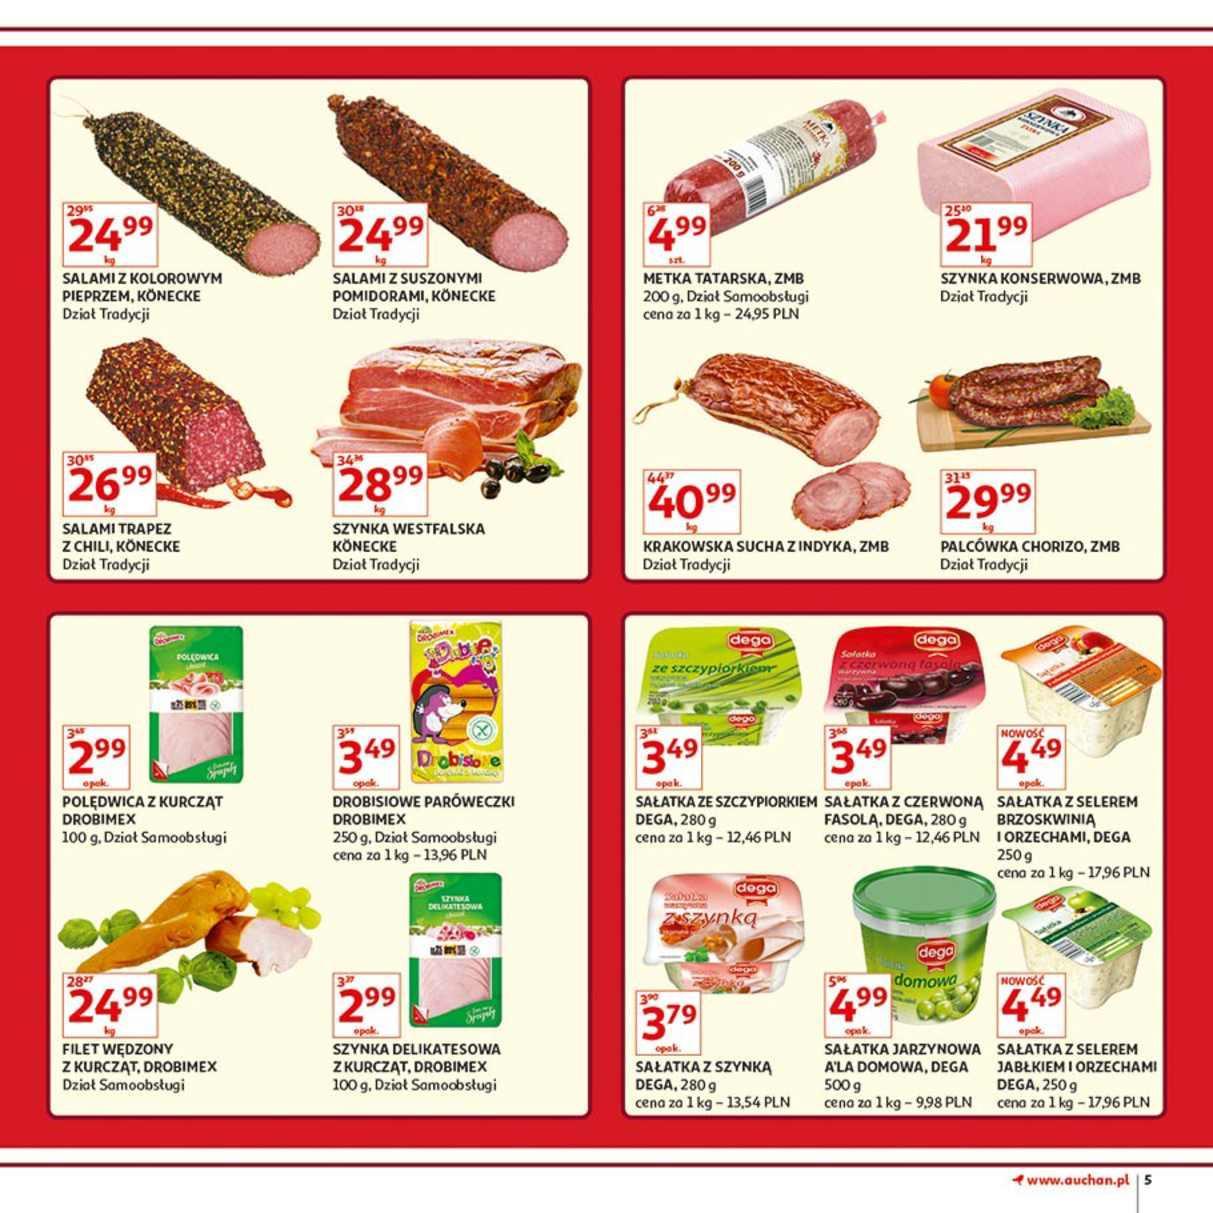 Gazetka promocyjna Auchan do 12/12/2018 str.5